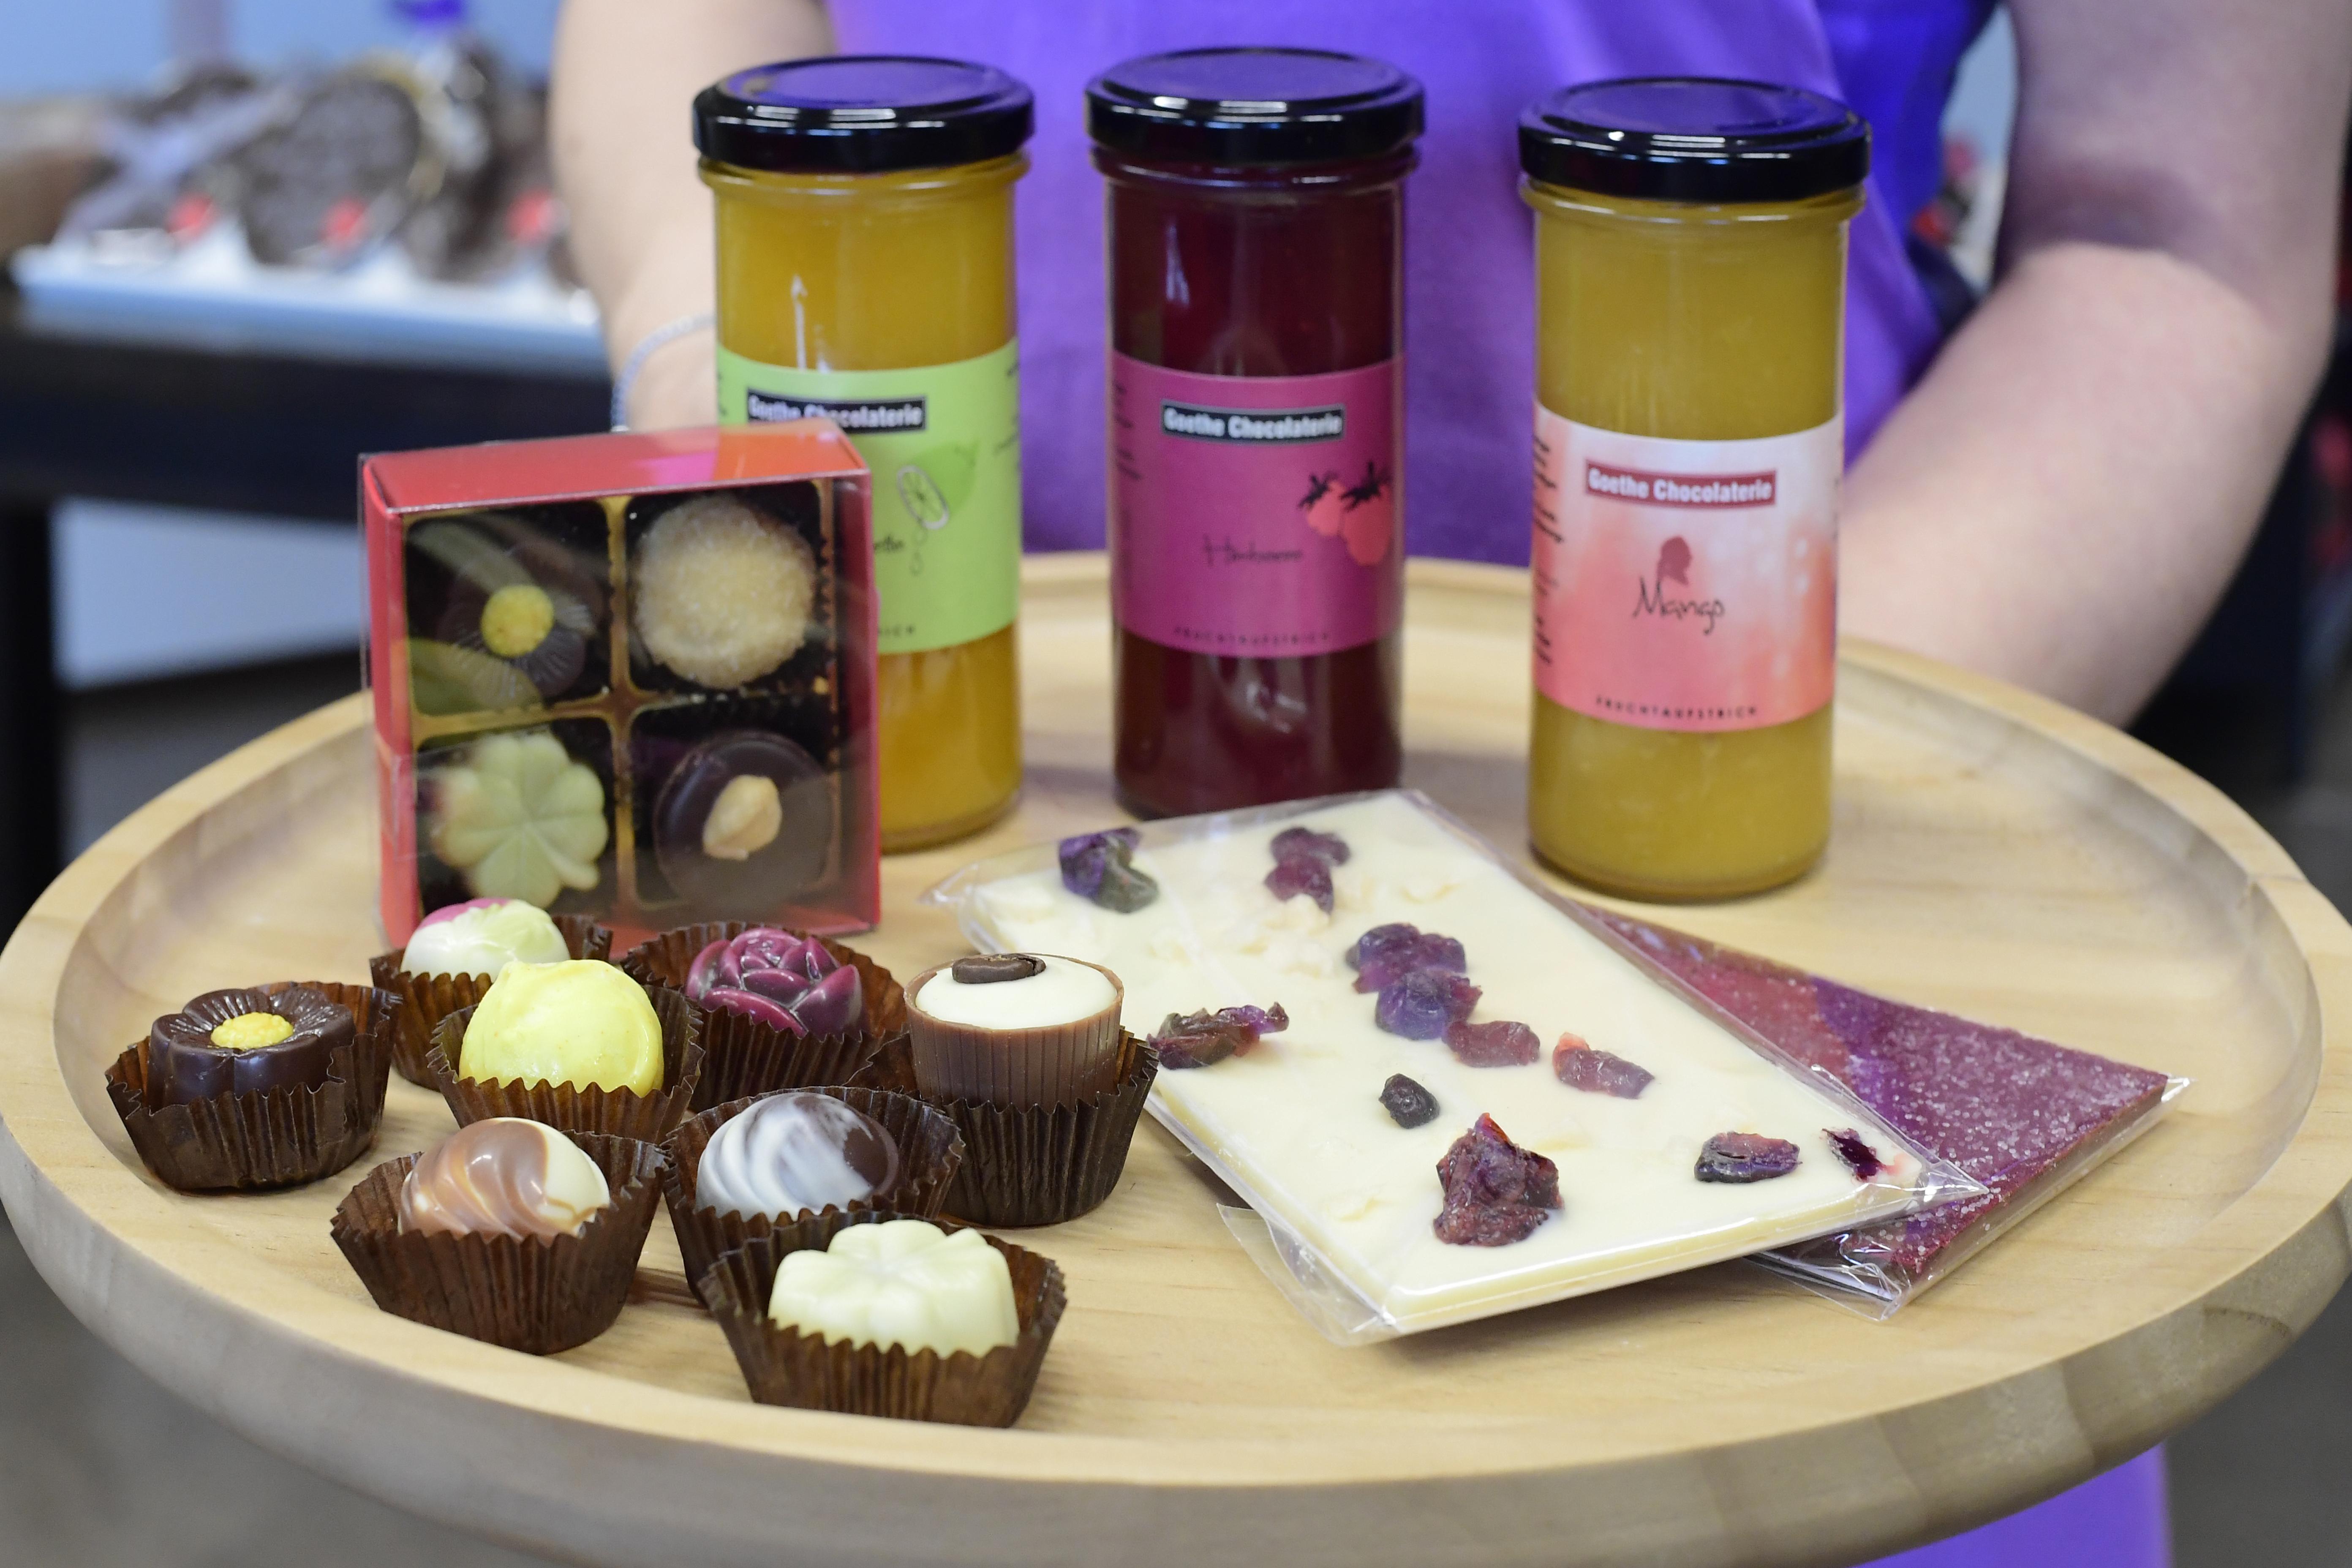 Produkte der Goethe Chocolaterie